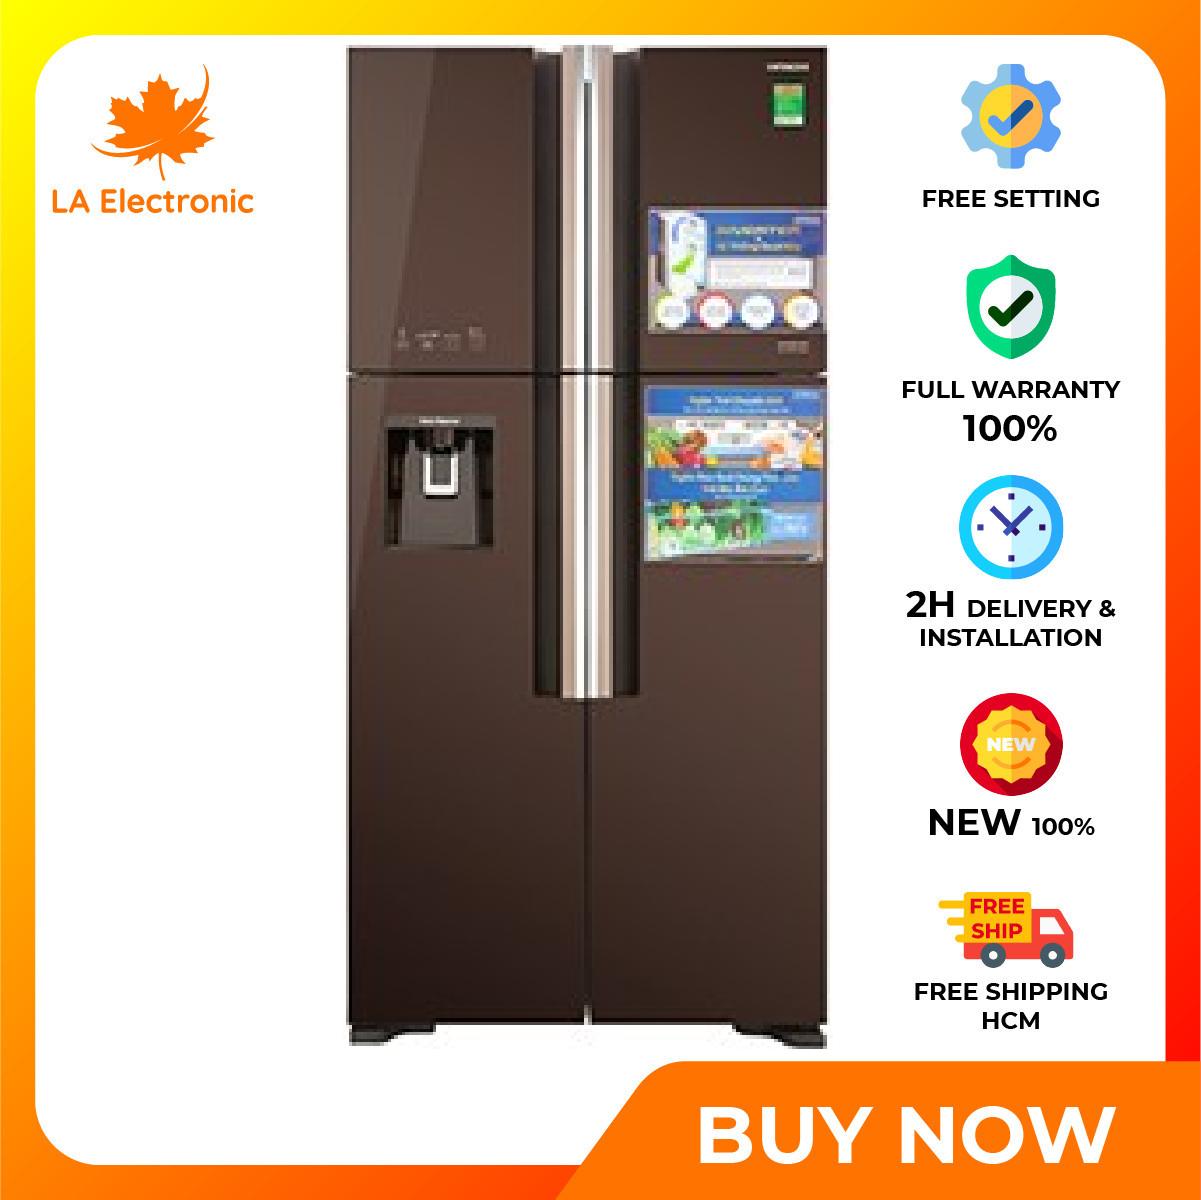 [GIAO HÀNG 2 – 15 NGÀY TRỄ NHẤT 15.09] Trả Góp 0% – Tủ Lạnh Hitachi Inverter 540 lít R-FW690PGV7 GBW – Miễn phí vận chuyển HCM